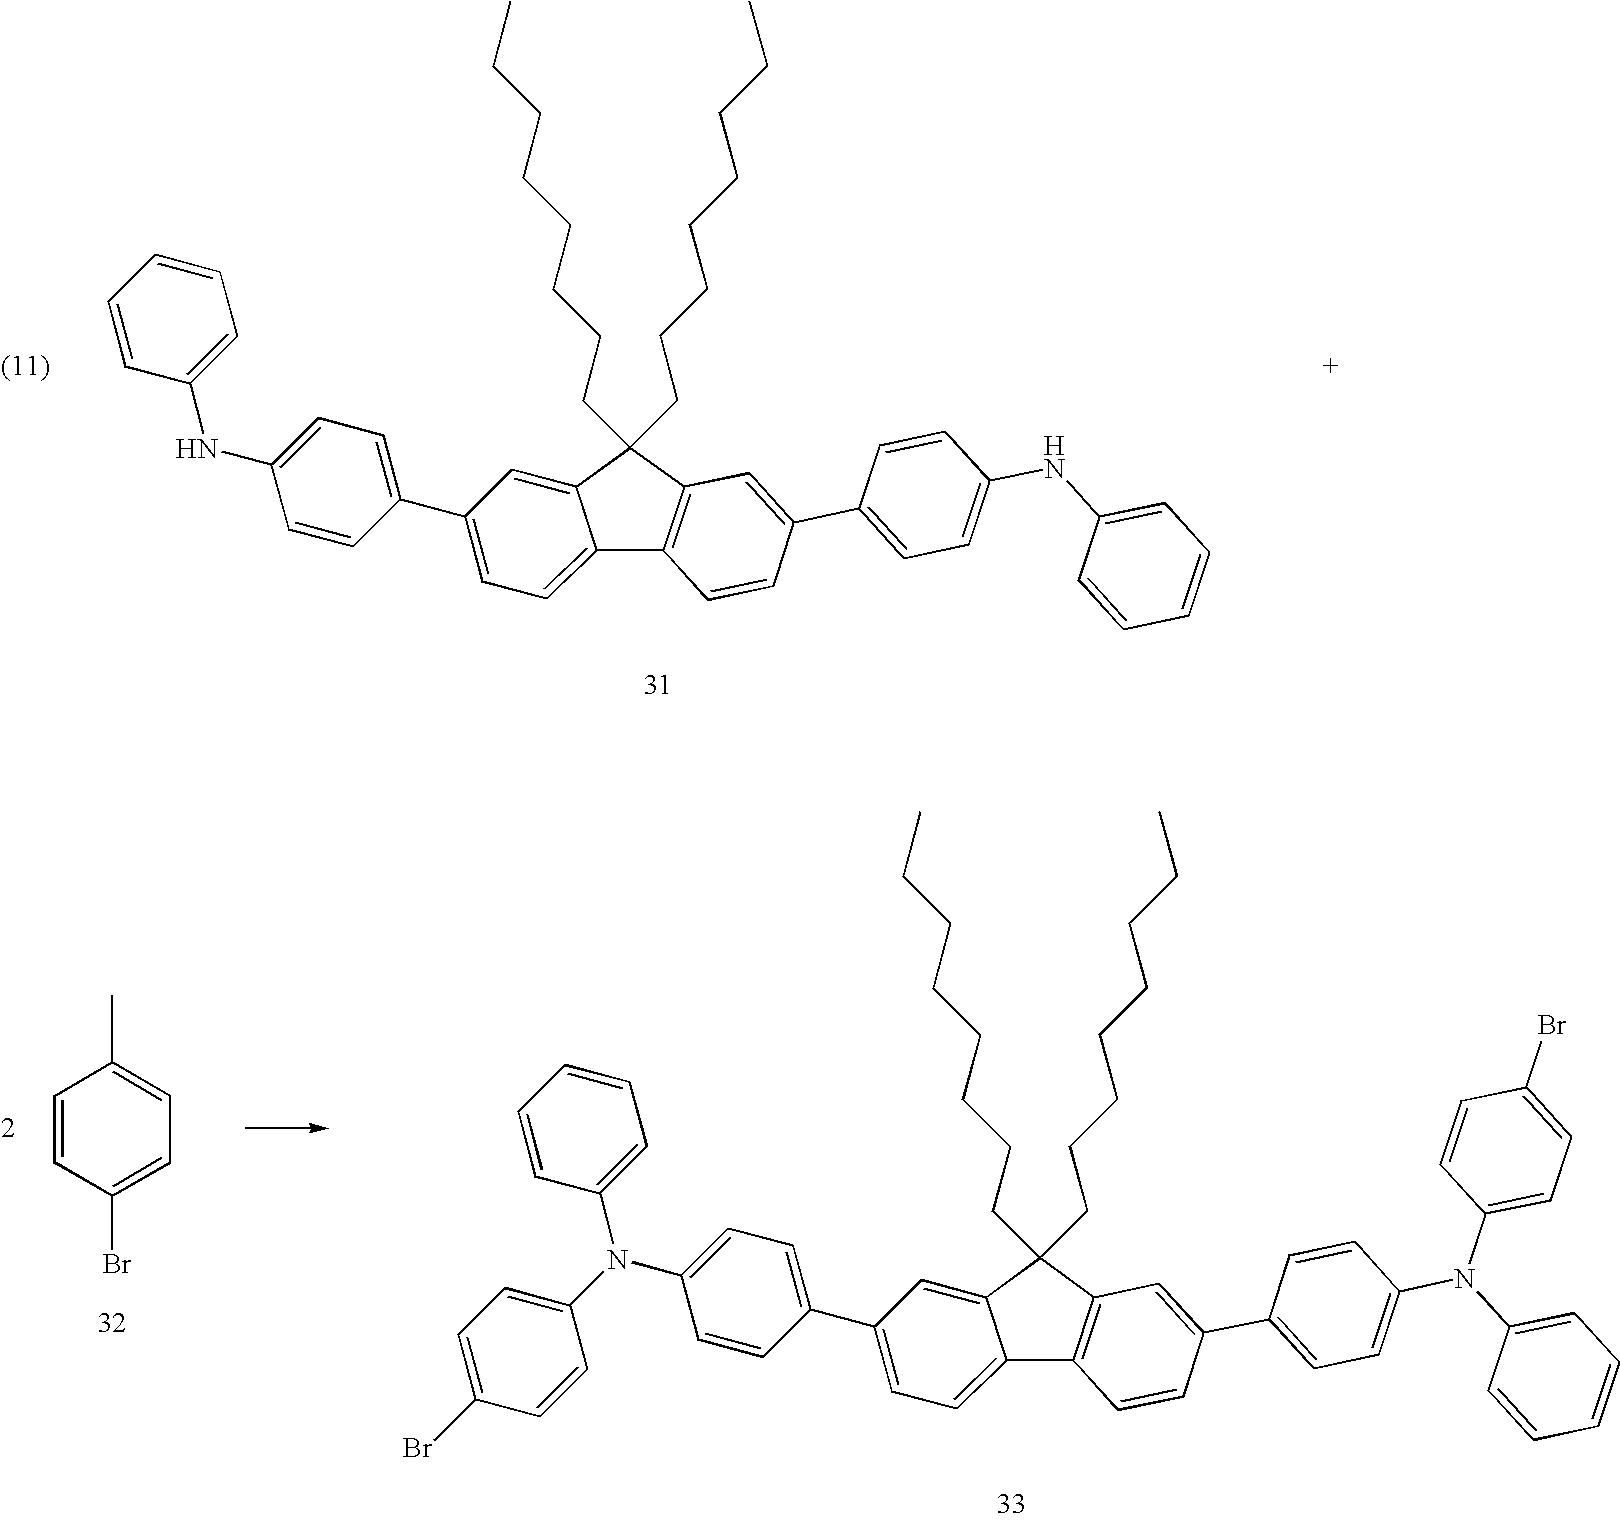 Figure US20080071049A1-20080320-C00021